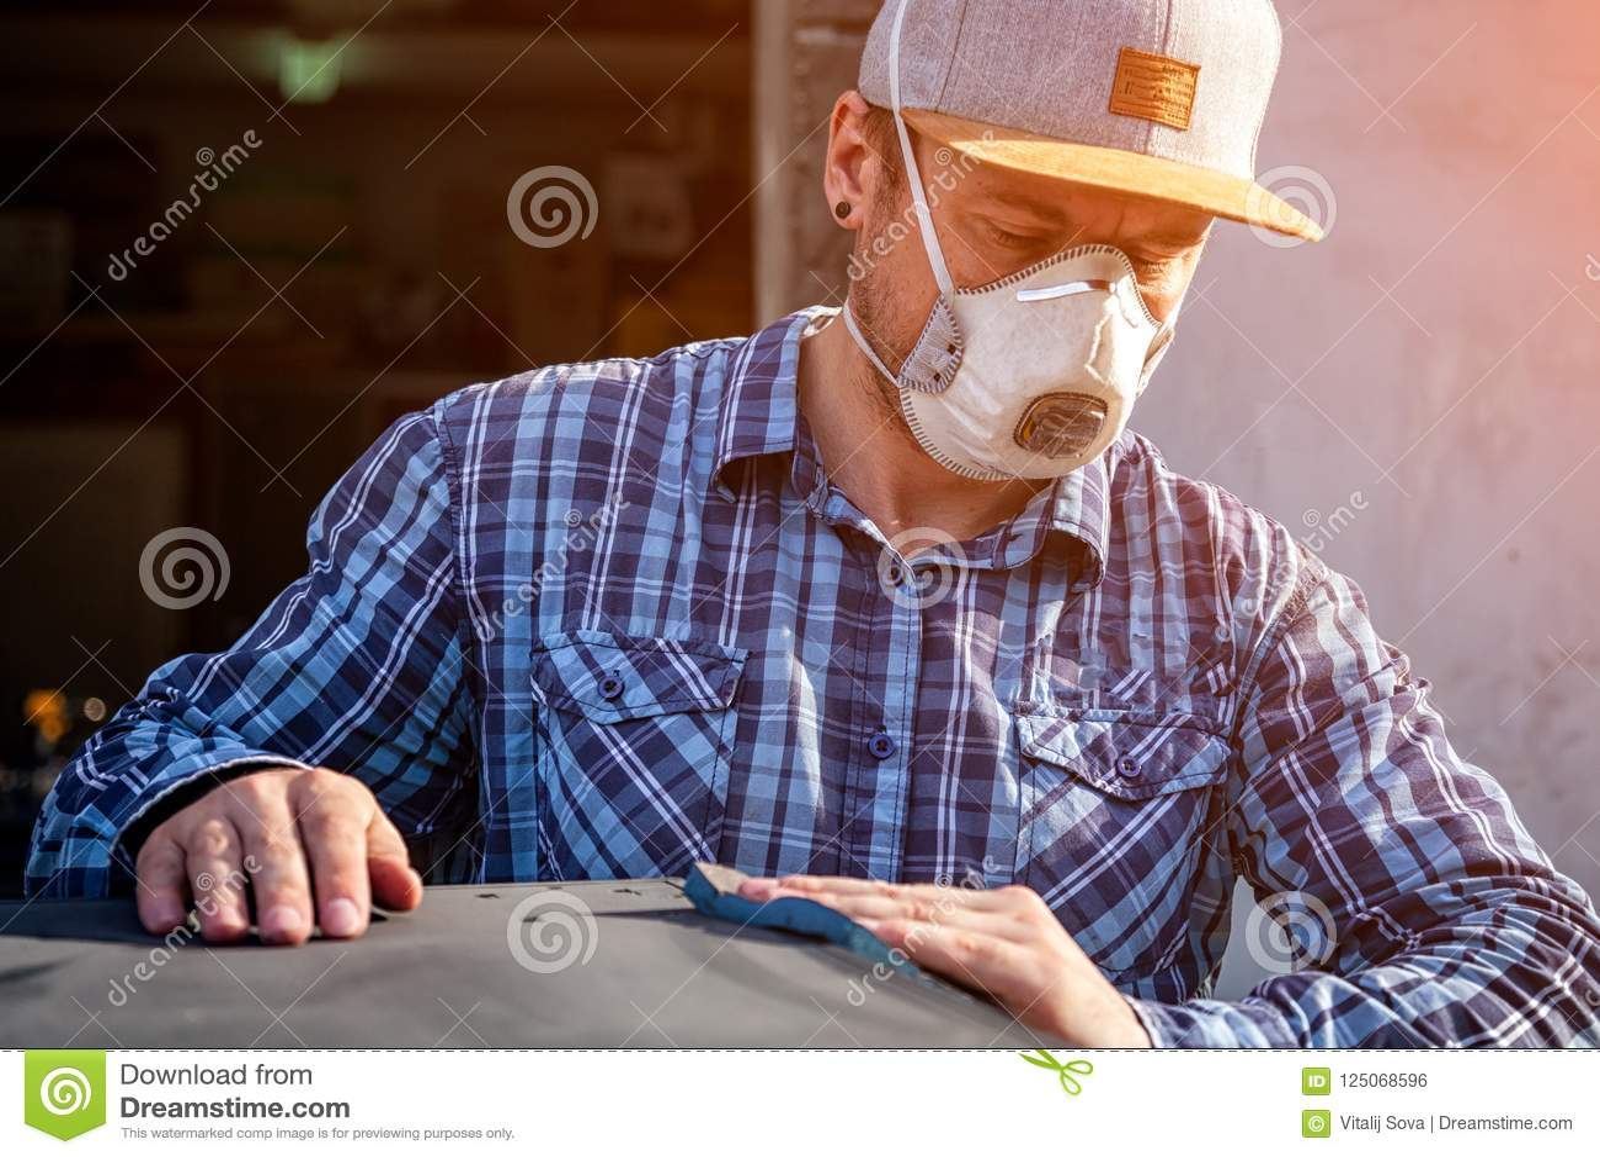 Experienced carpenter